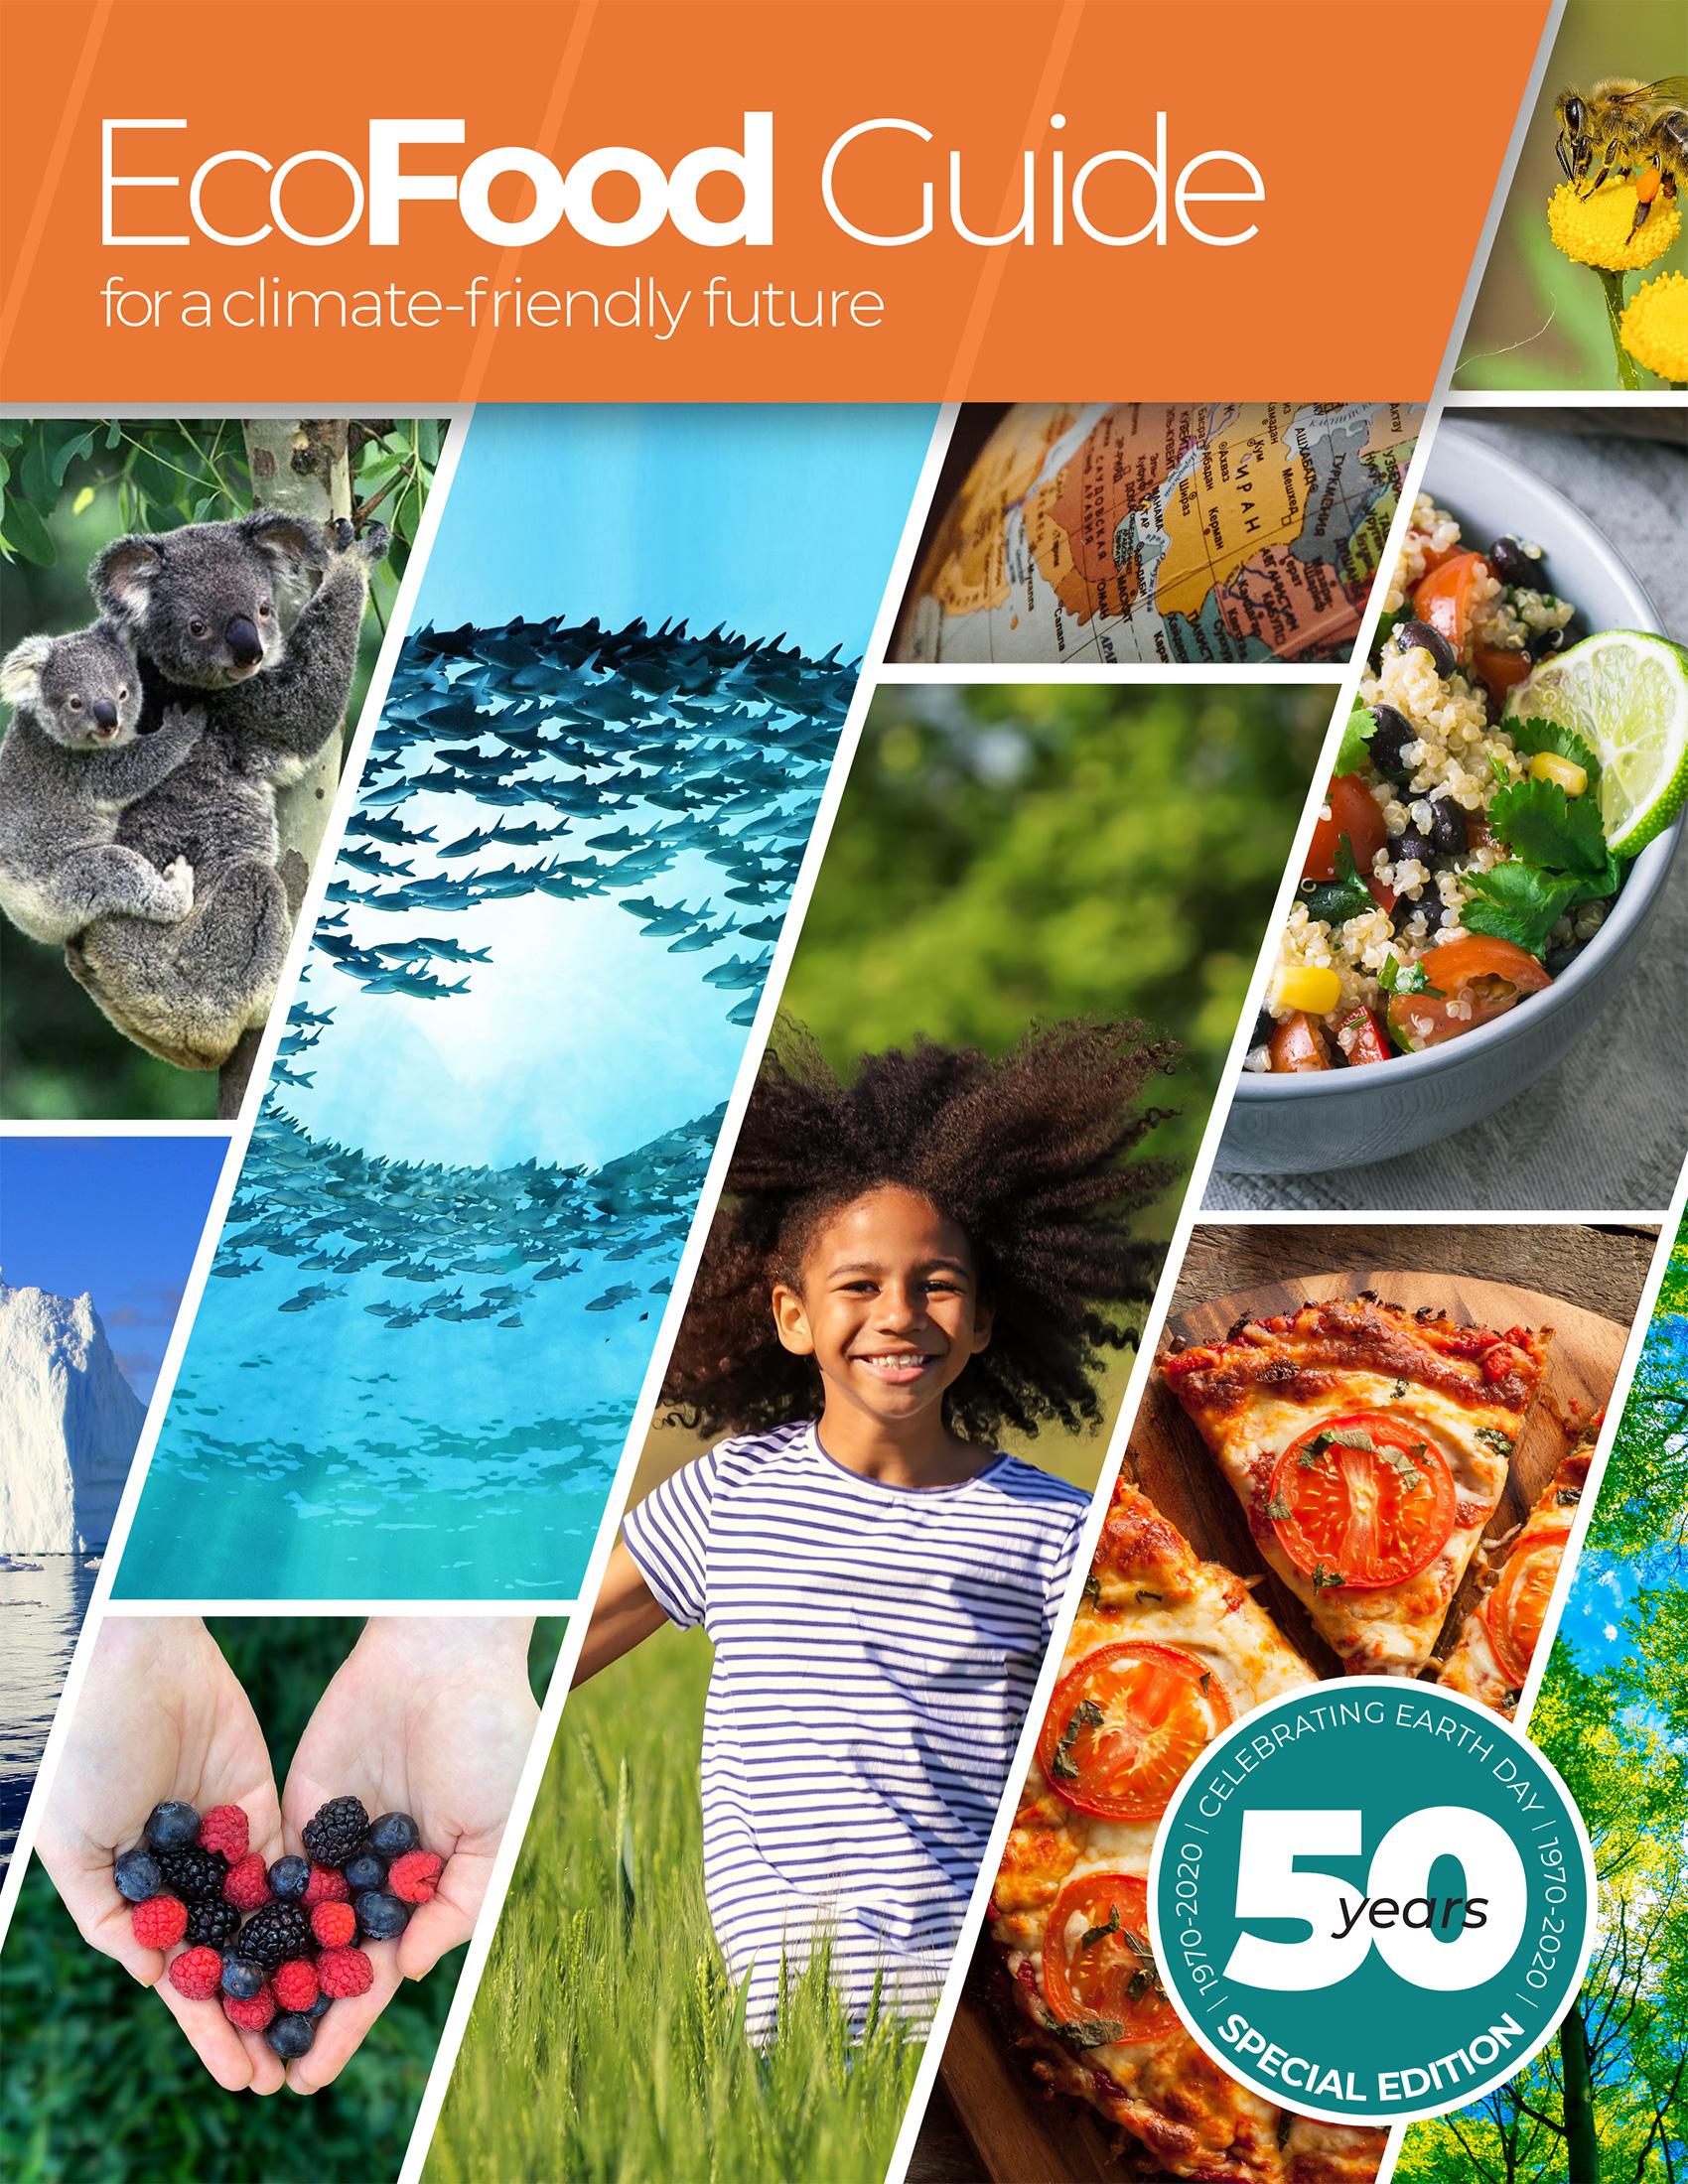 EcoFoodGuideCover-5-5